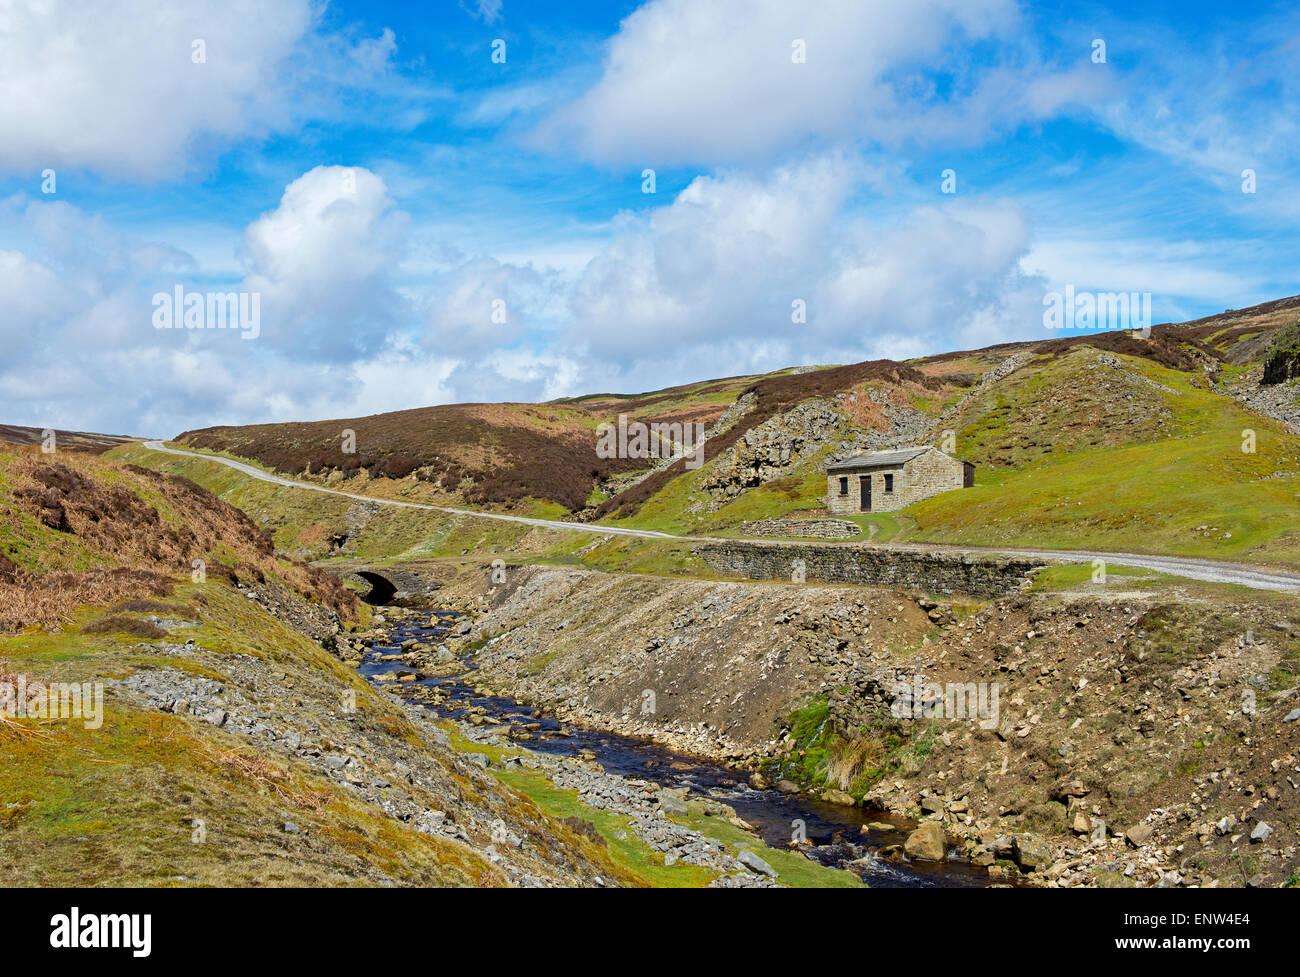 La vecchia pista lead mining campo, Swaledale, Yorkshire Dales National Park, North Yorkshire, Inghilterra, Regno Immagini Stock